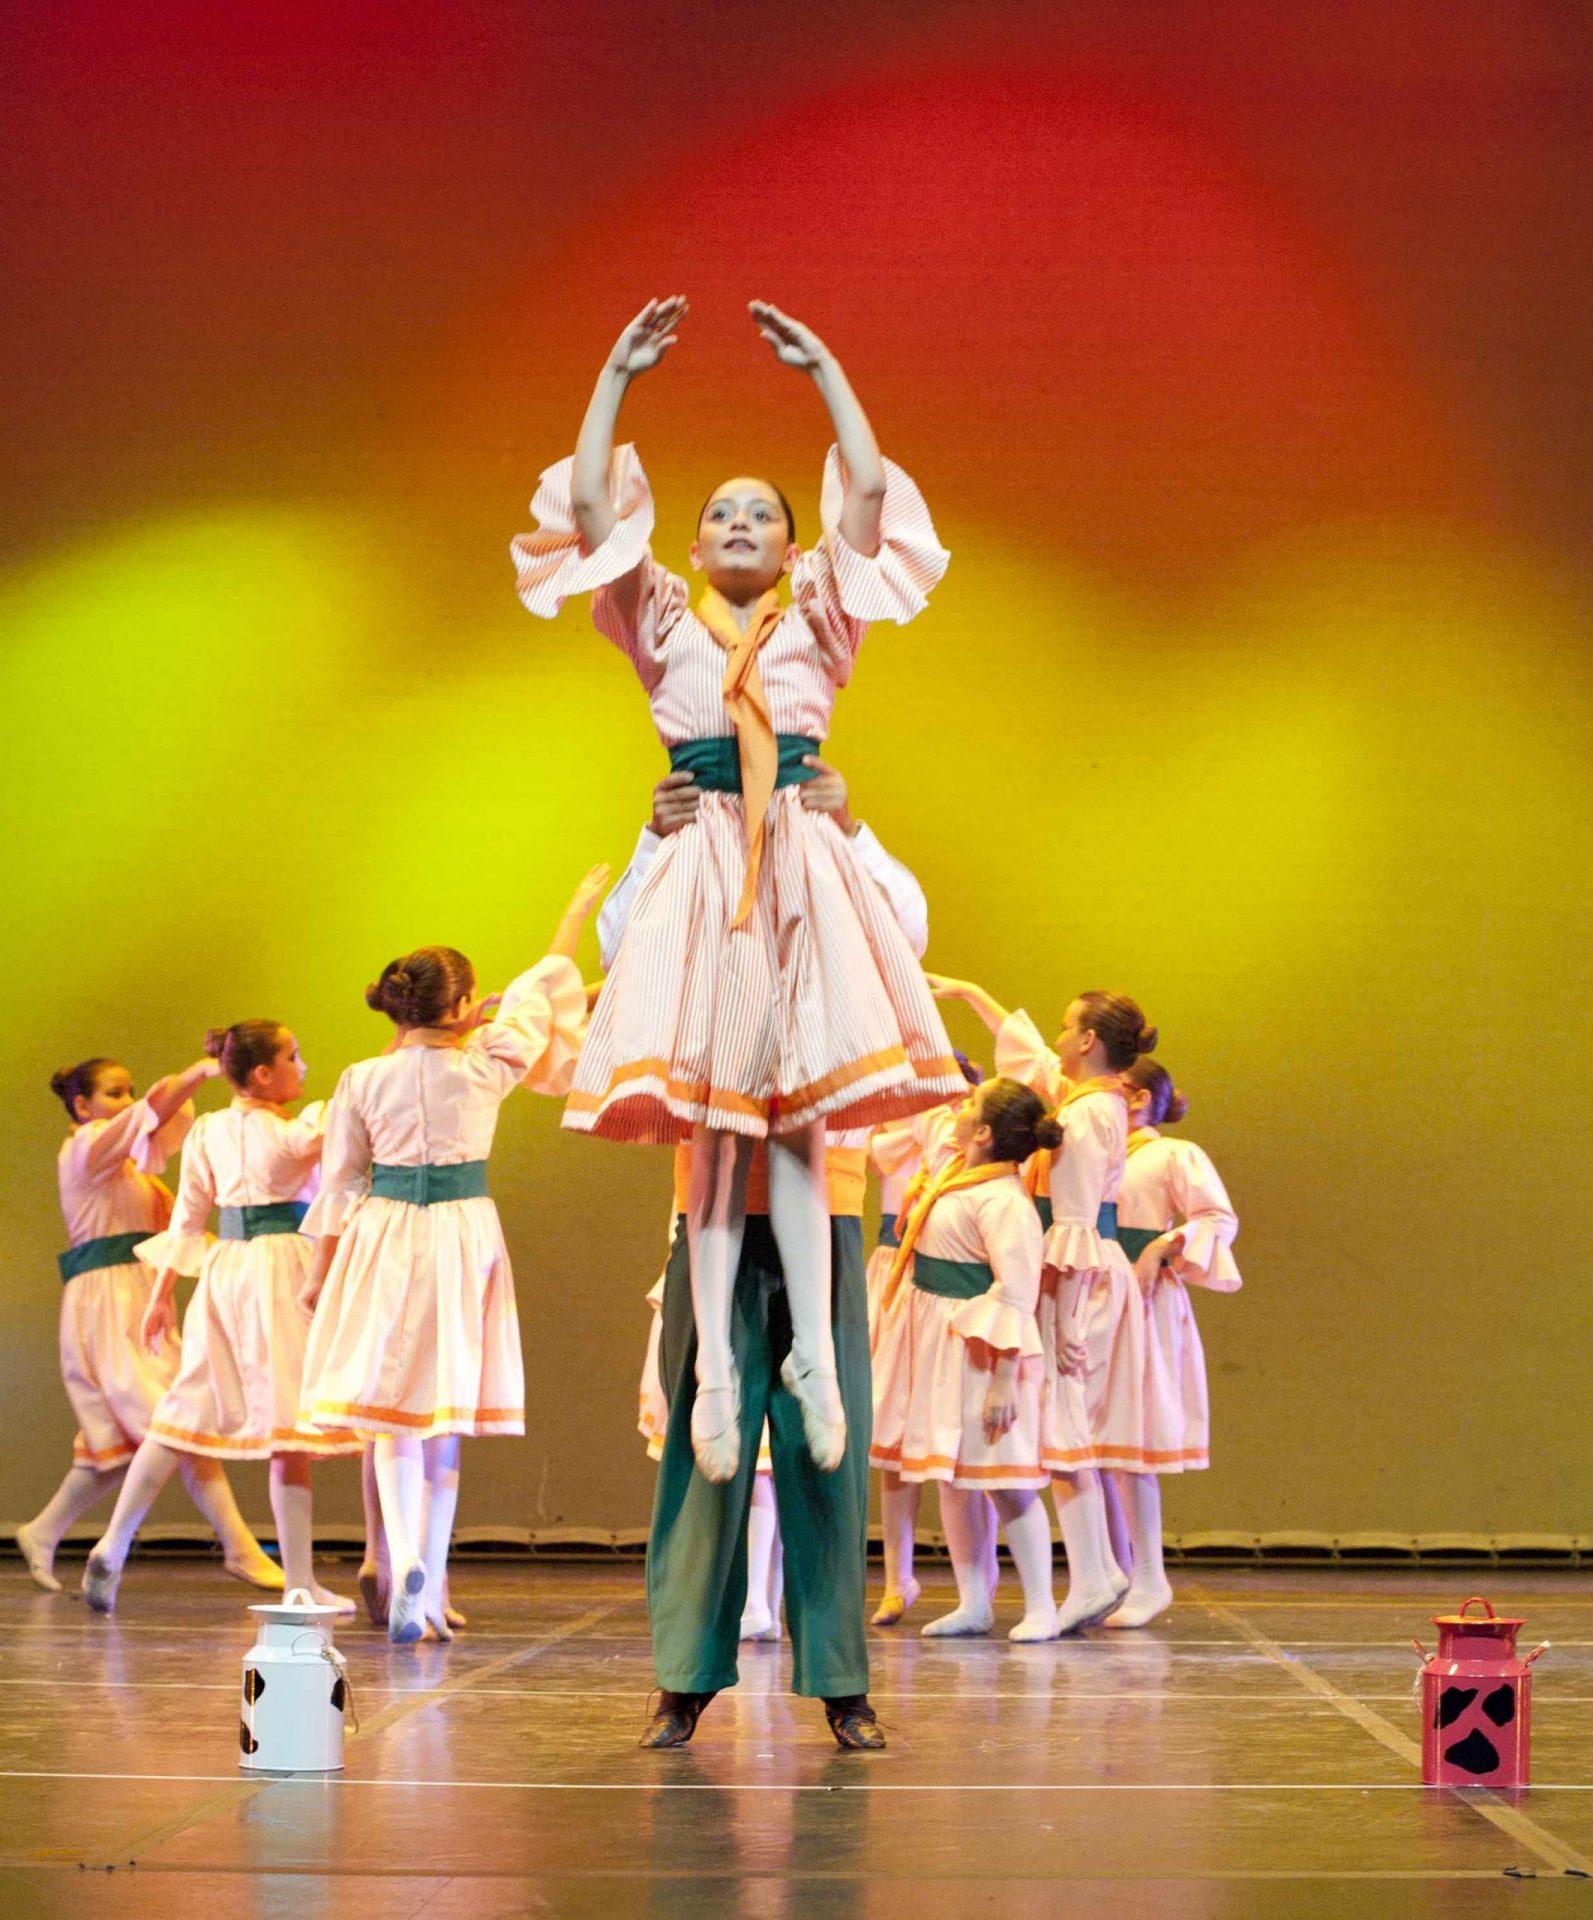 Foto del Centro-de-Danza-Sandra-Santa-Cruz donde un bailarín de 10 años alza a una bailarina de su misma edad en el espectáculo del 20-Aniversario del Centro